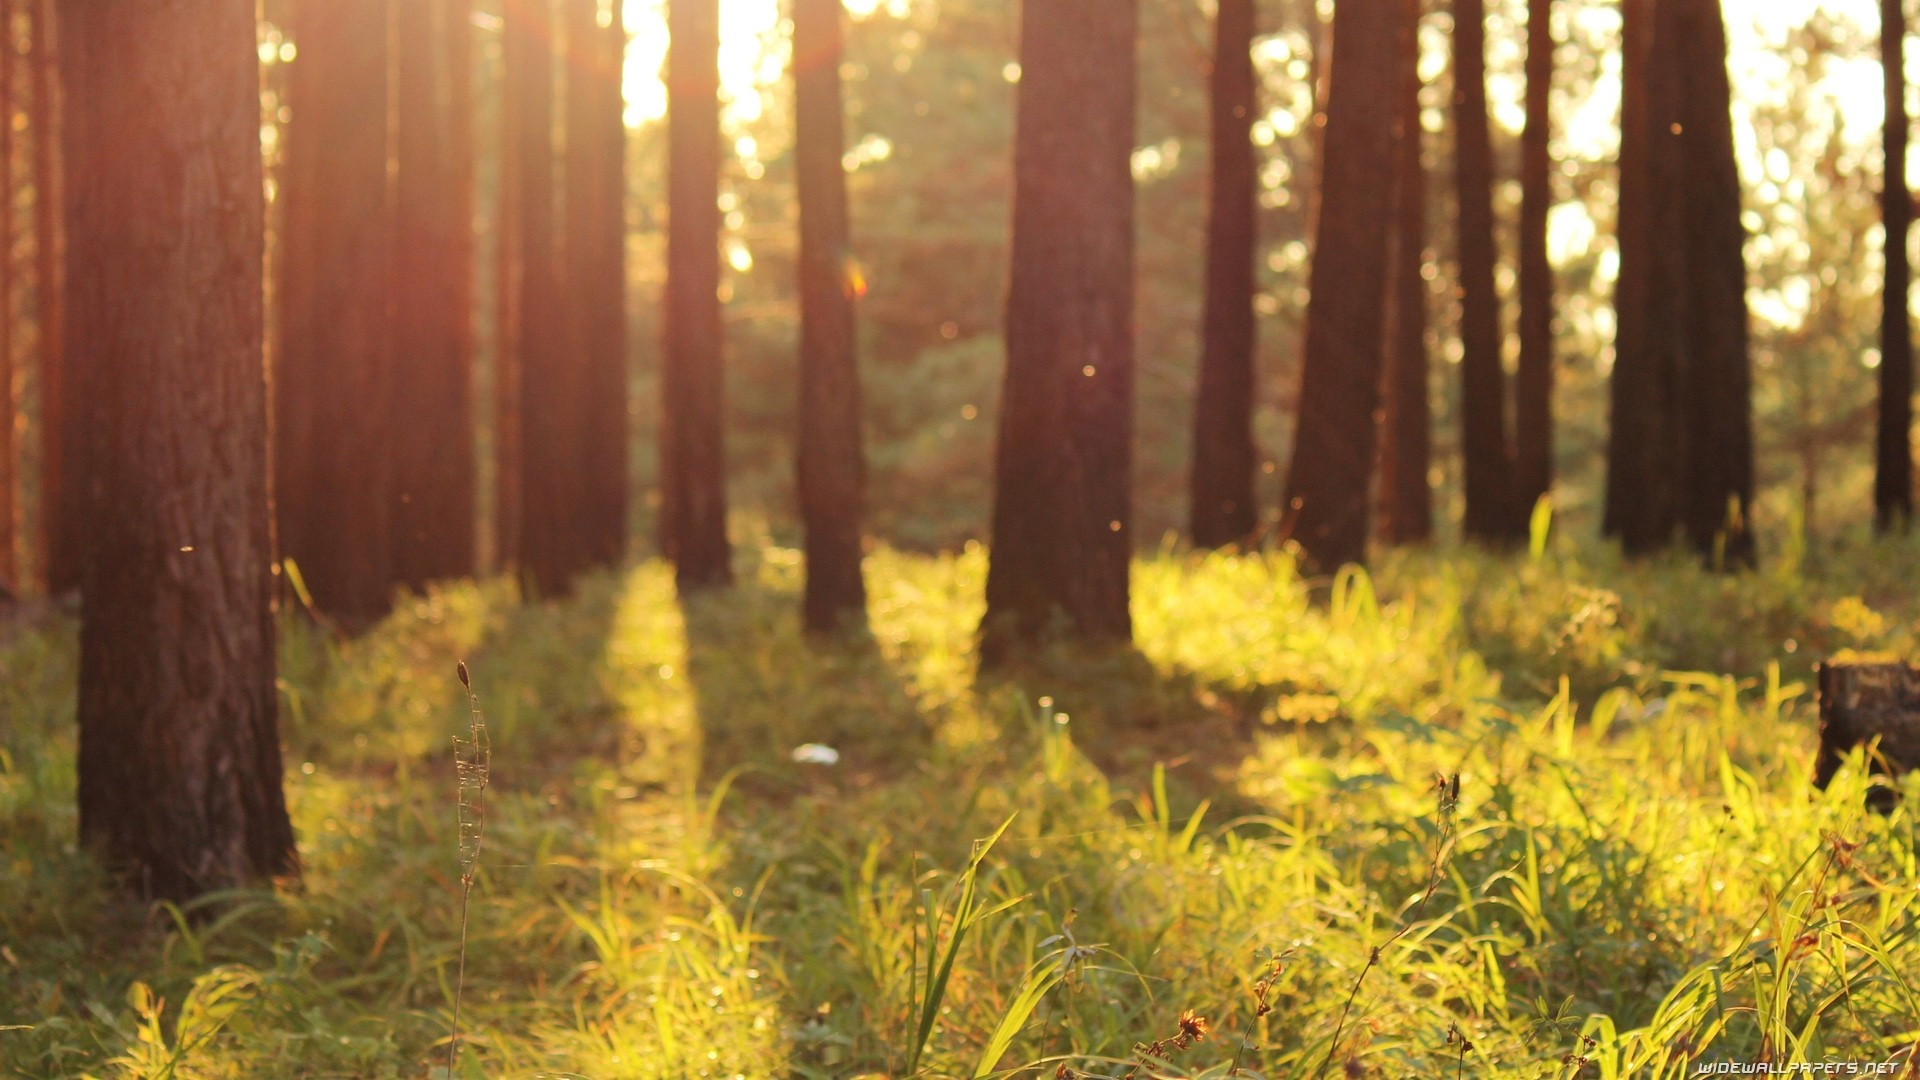 Forest Sunlight Wallpaper